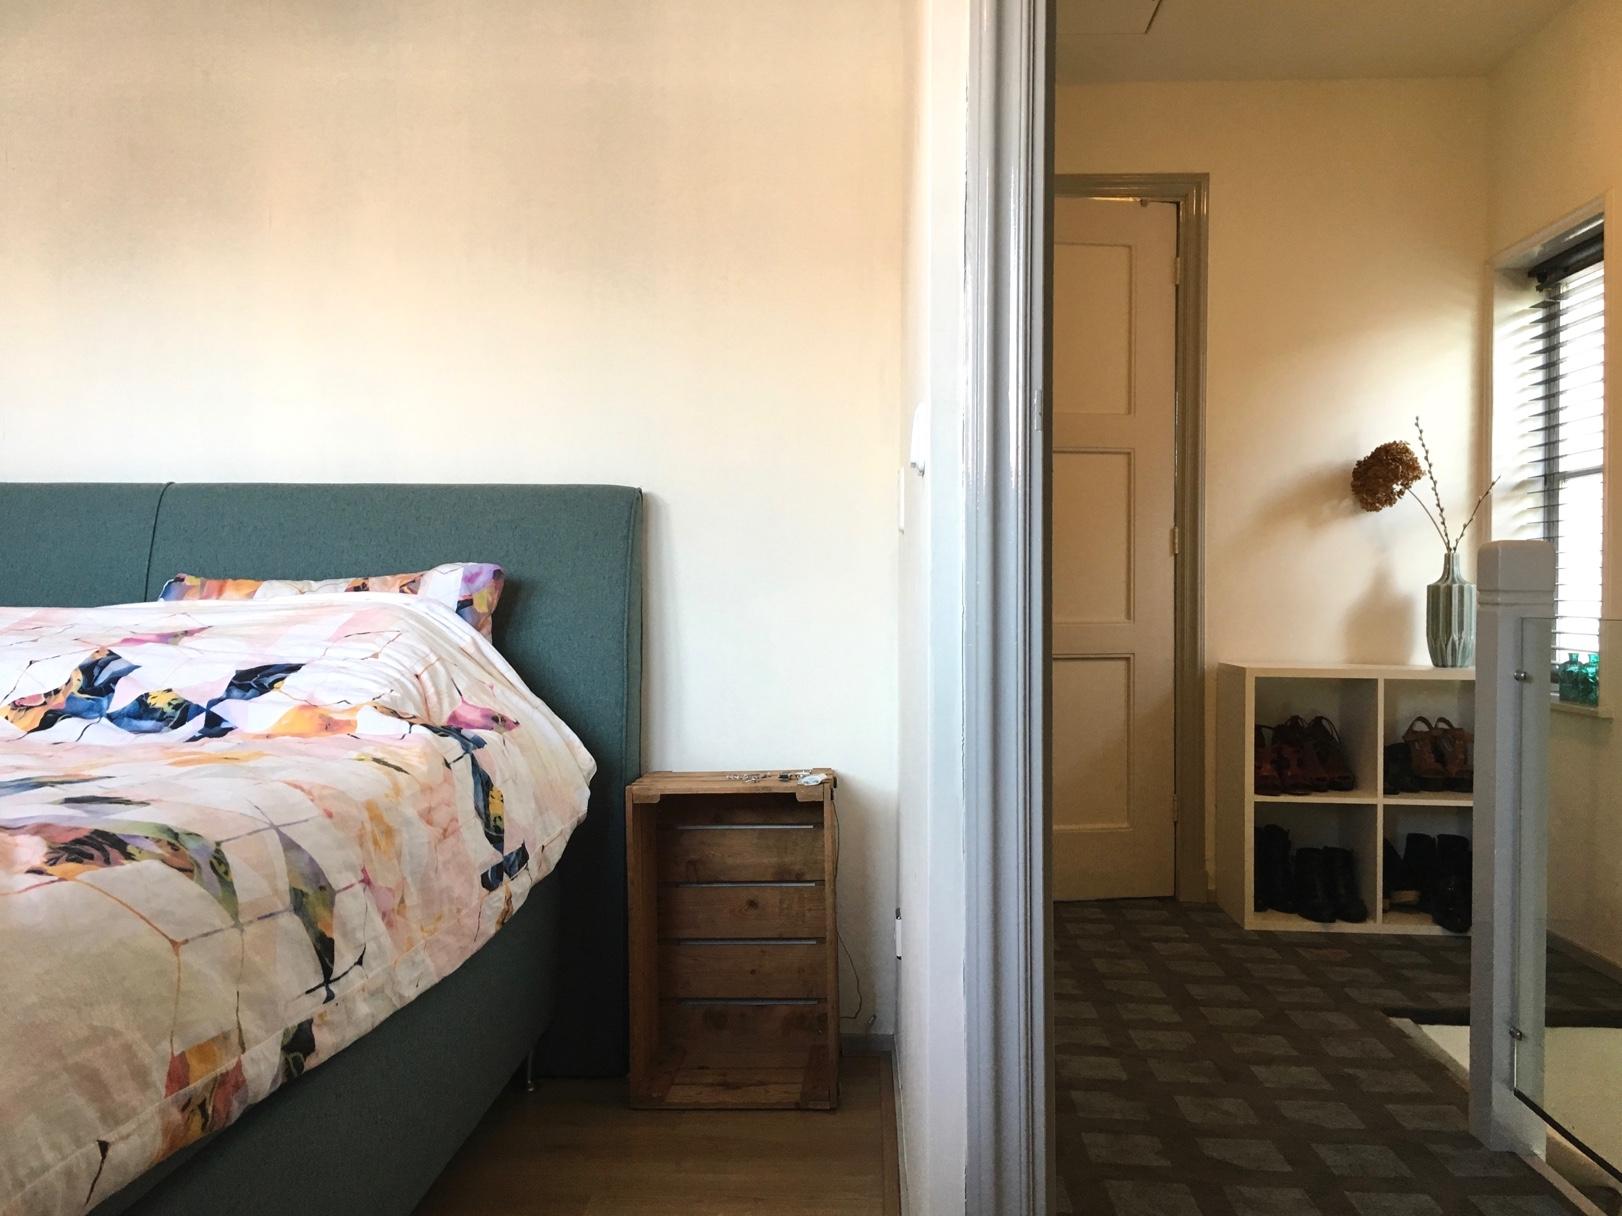 Huis styling, blog 6, goed gevoel, routines-7